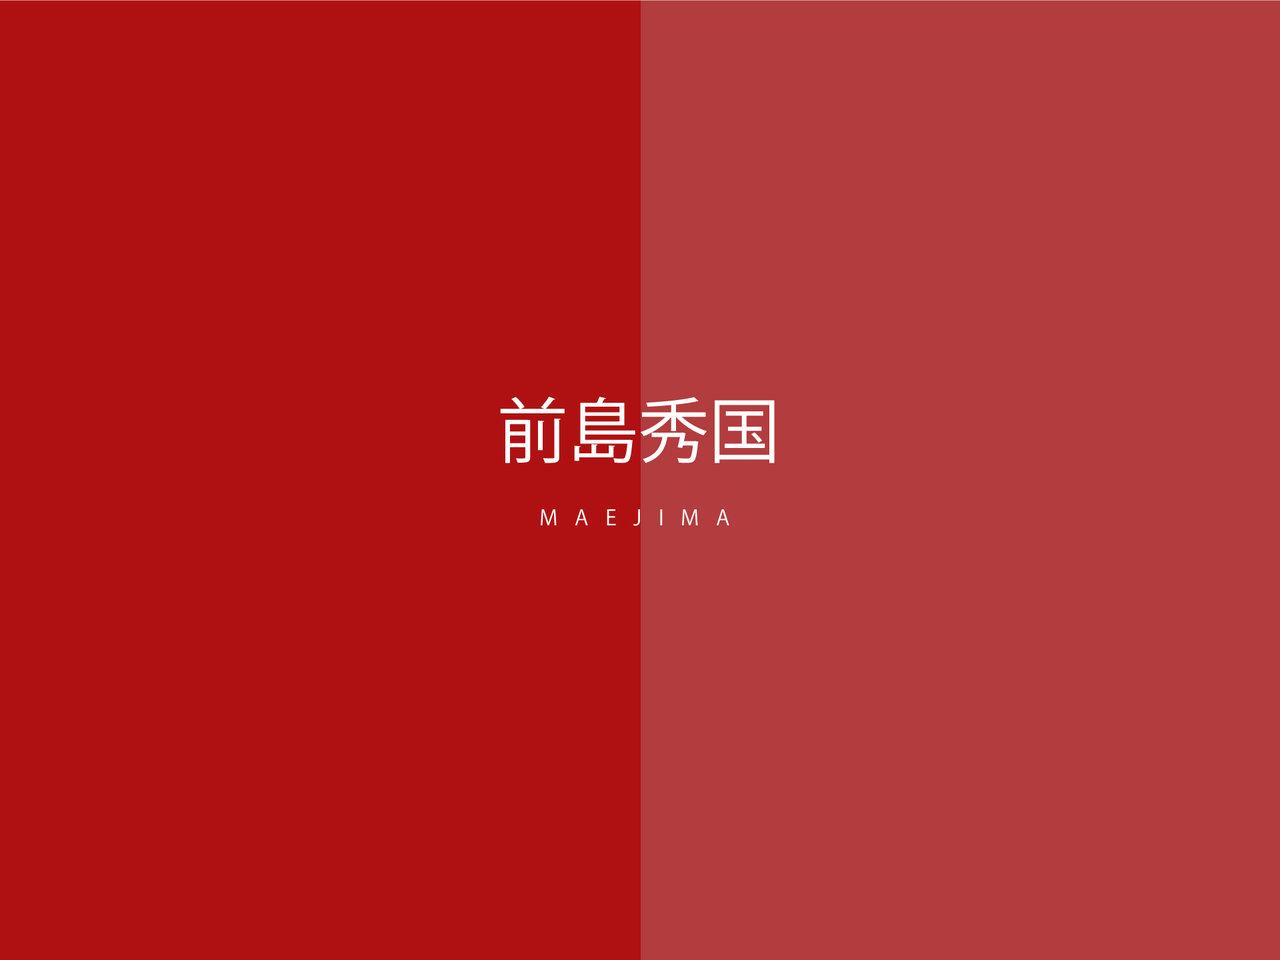 ヴィキングル・オラフソン 12/11(水)の演奏会を語る